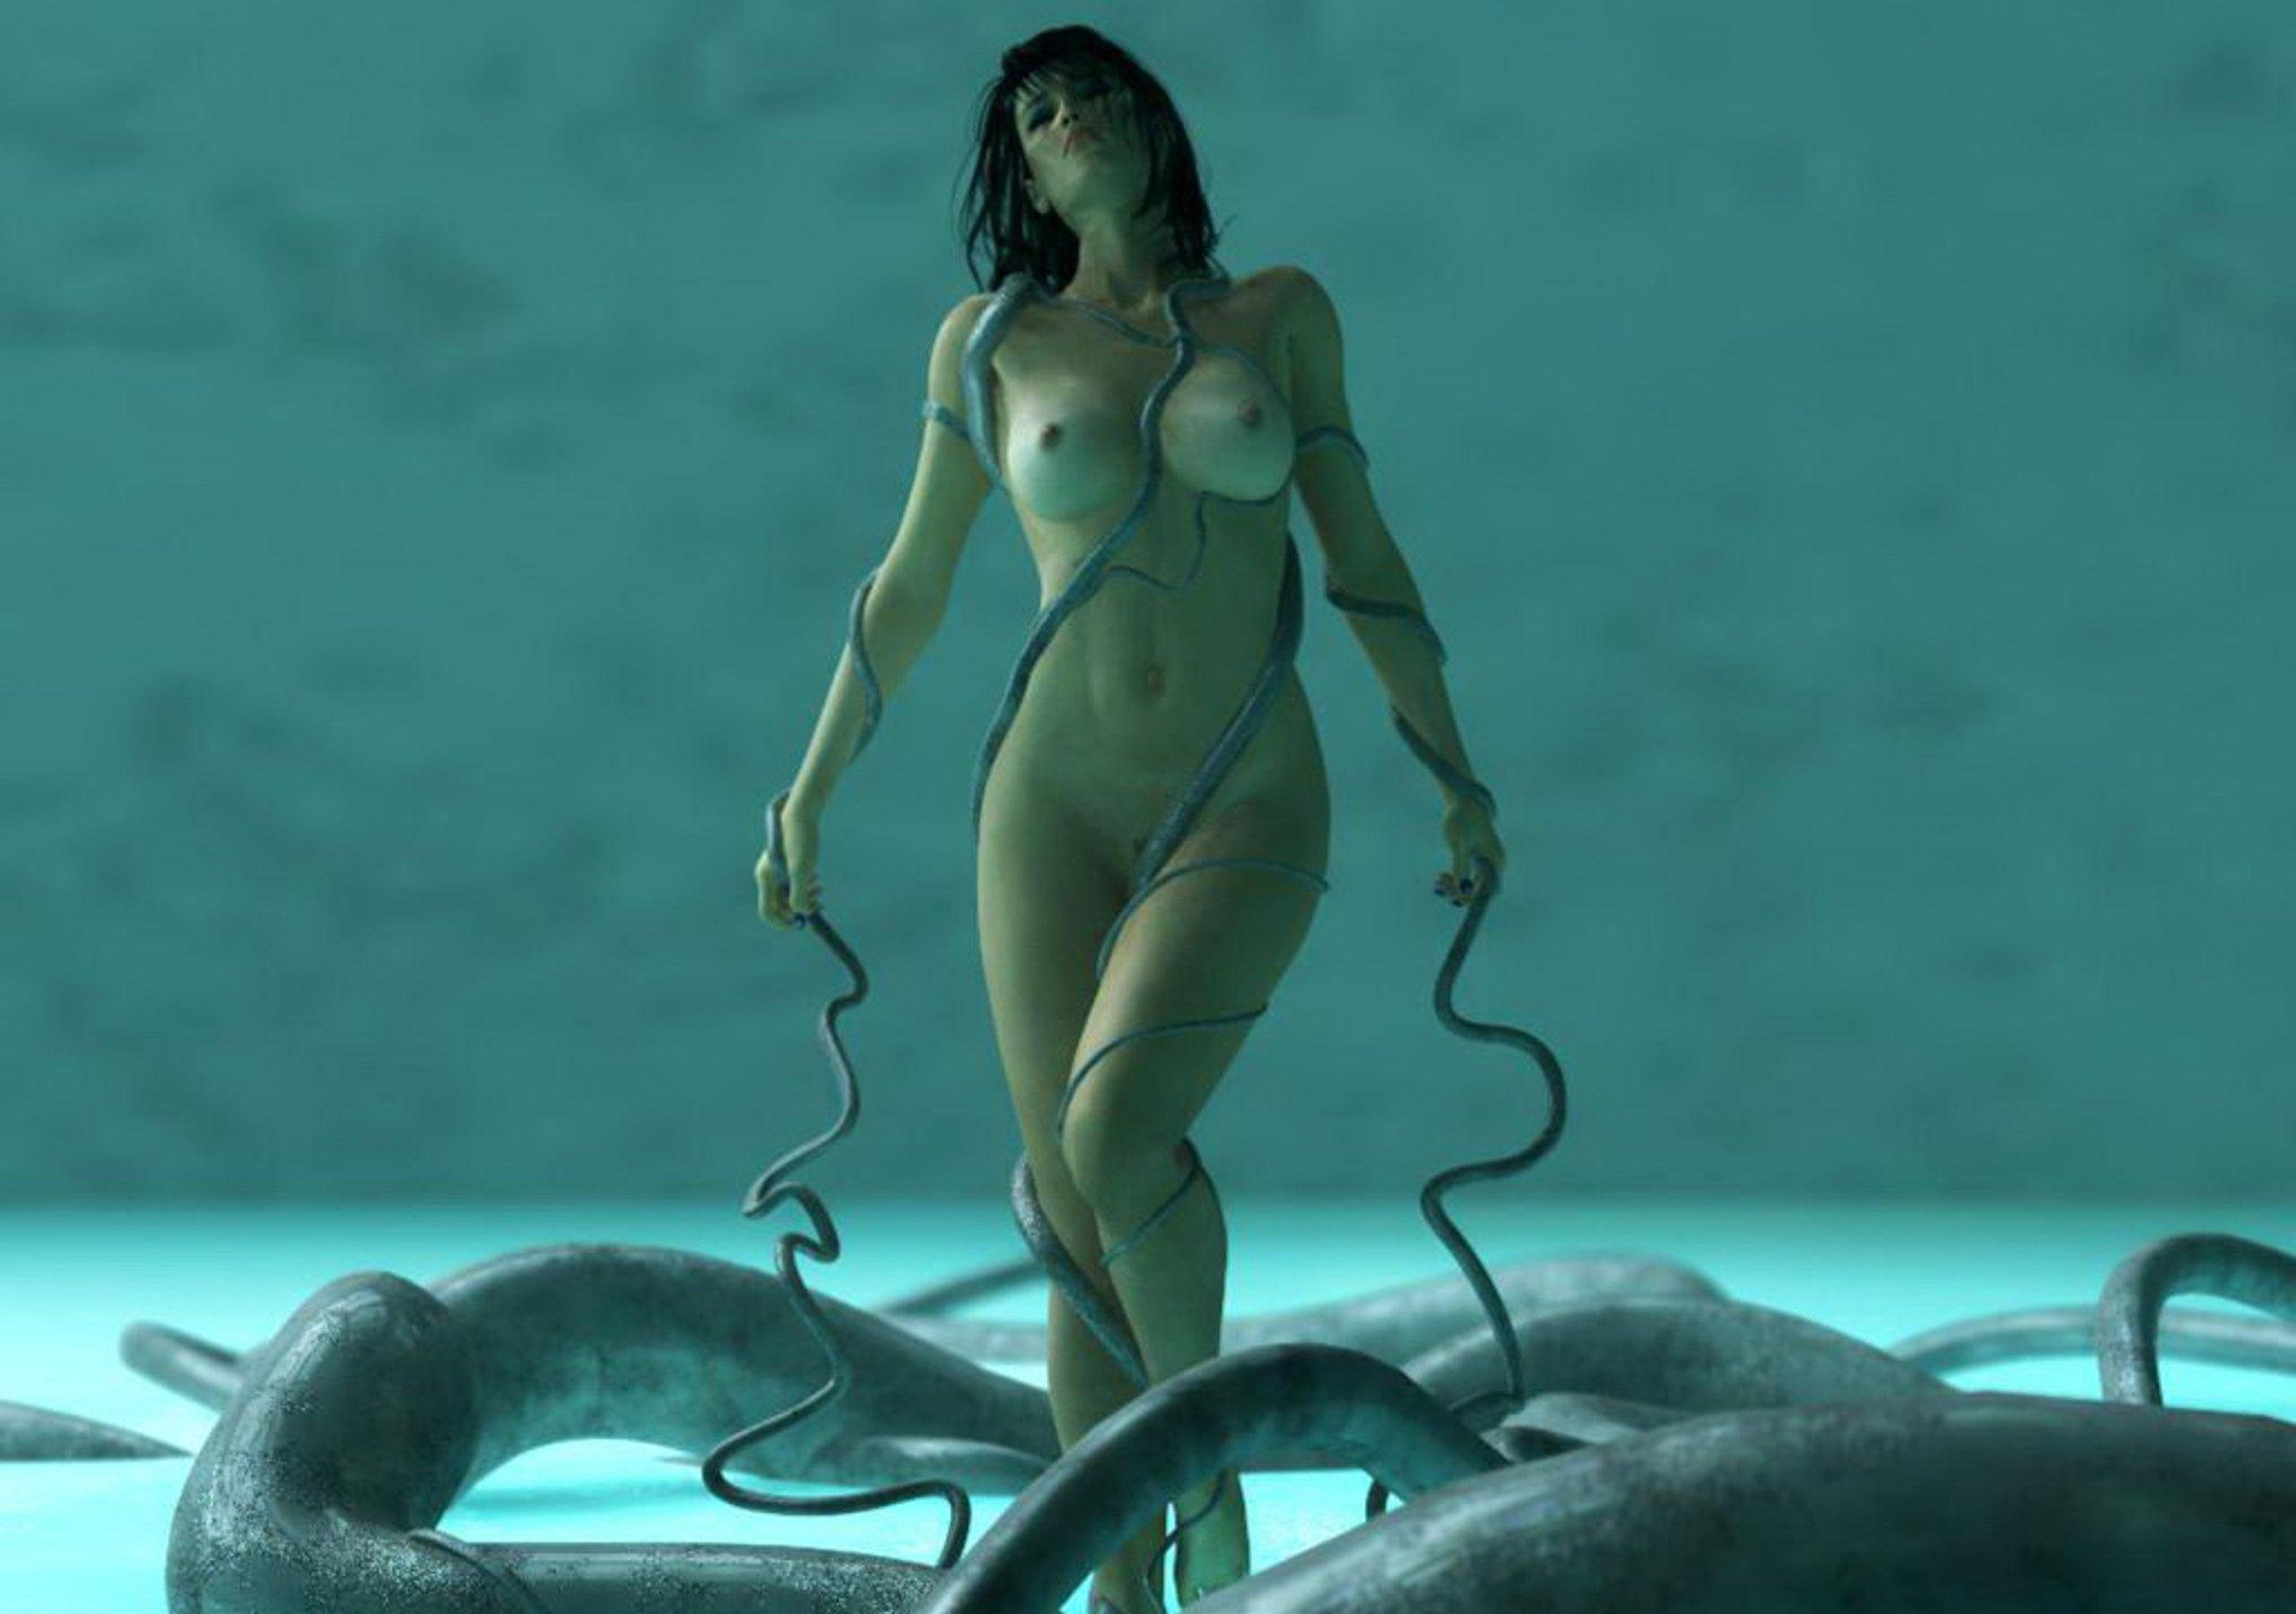 Nude mermaid sex